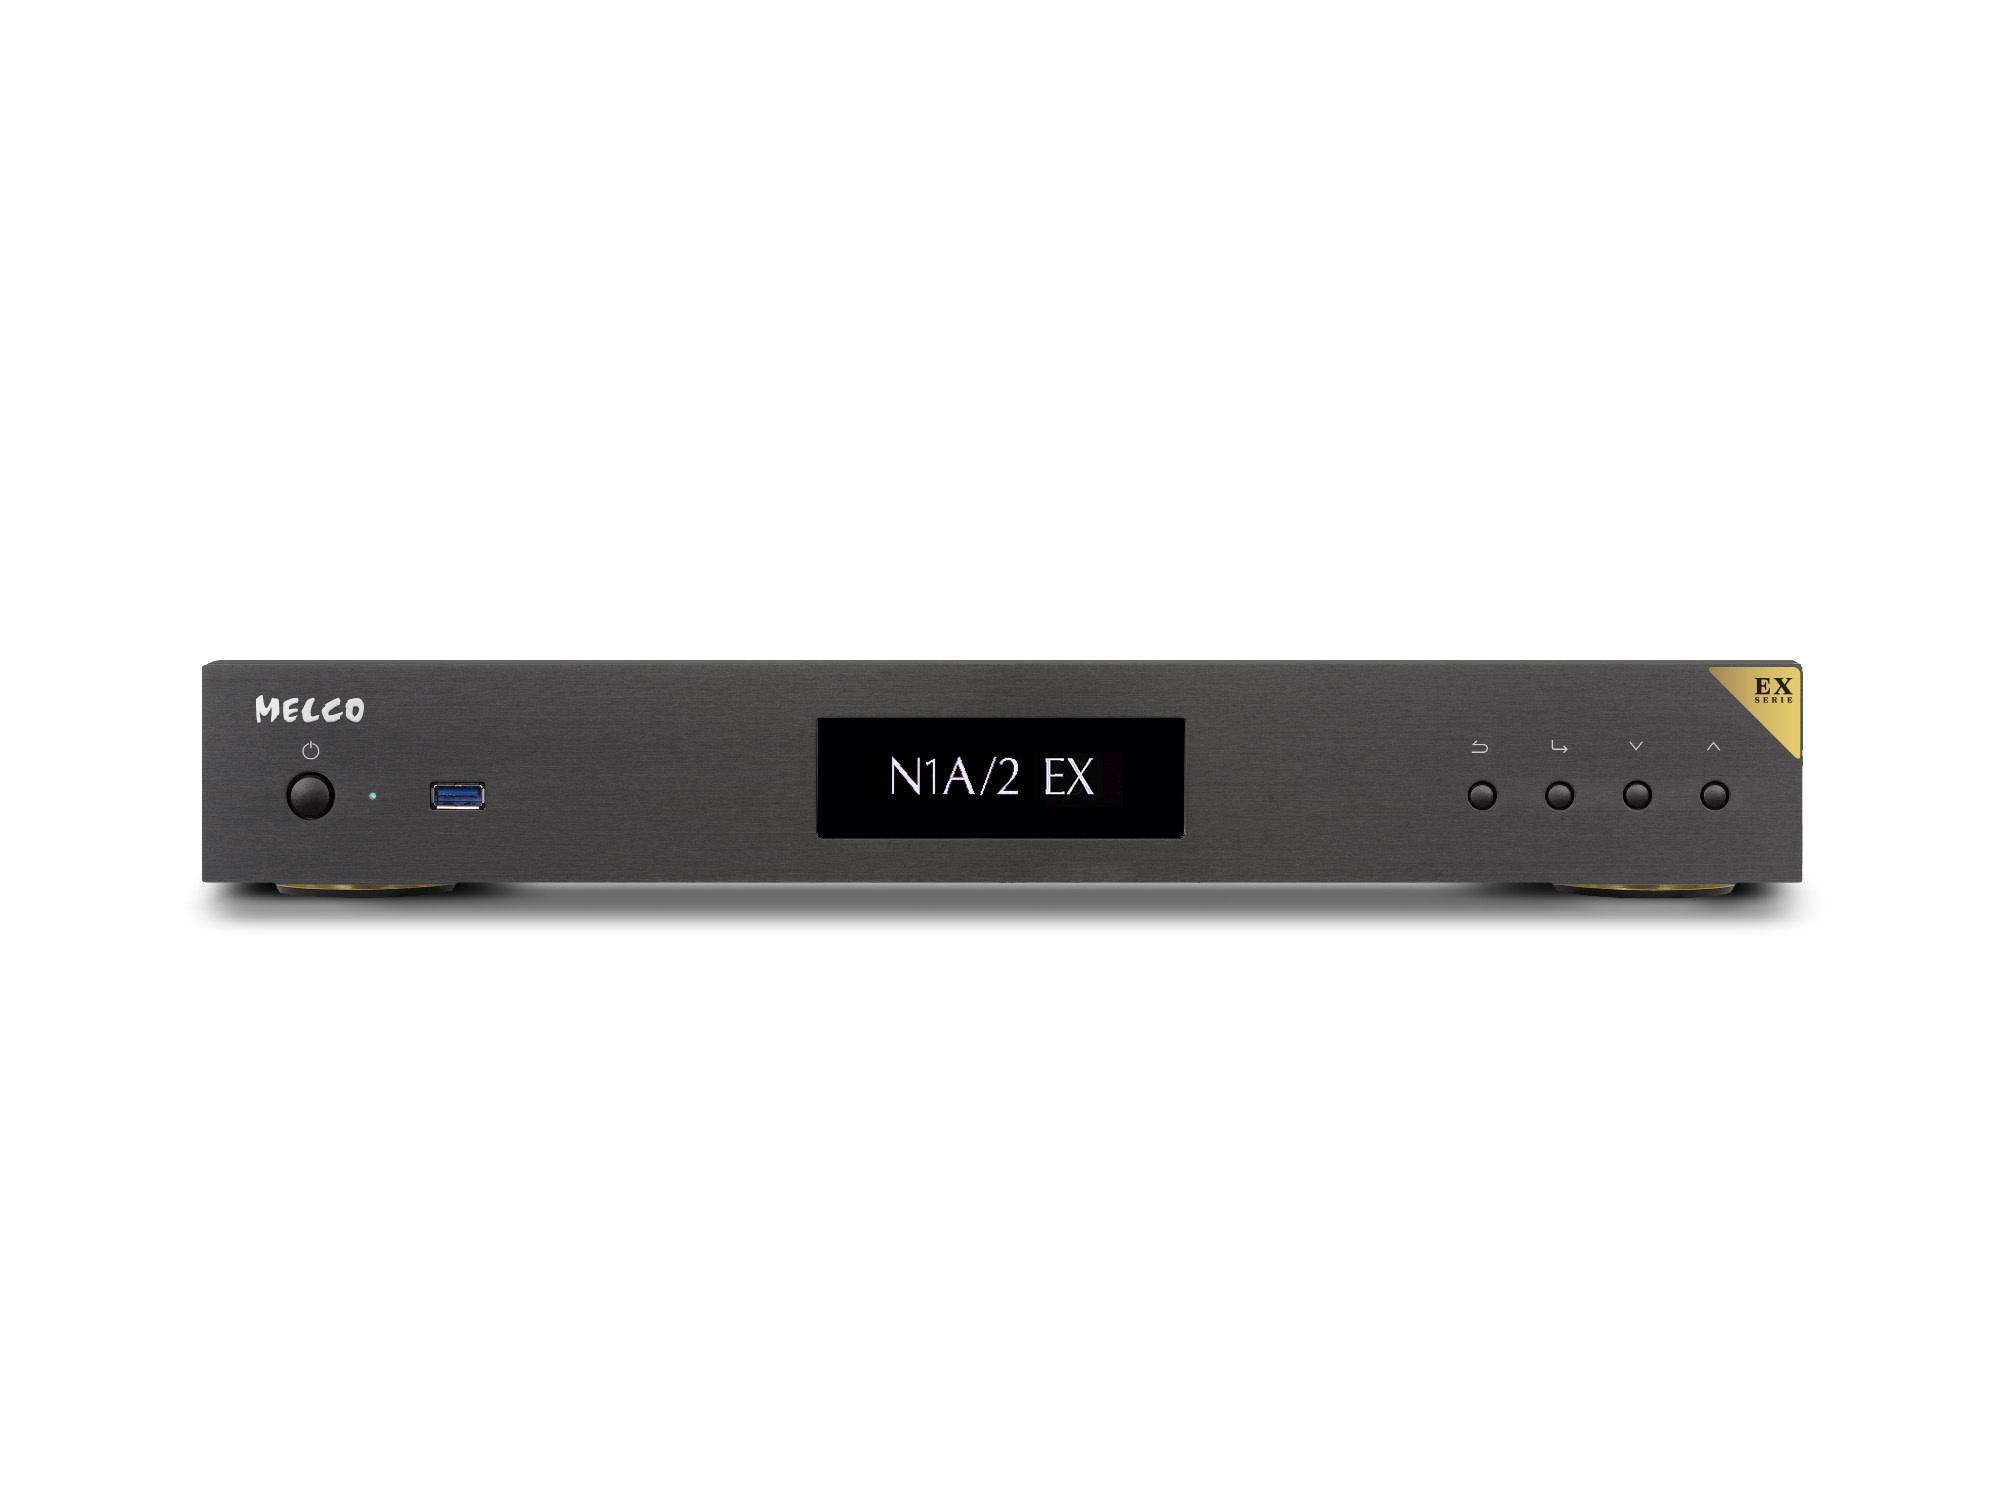 Melco N1A/2EX-H60 Music Server